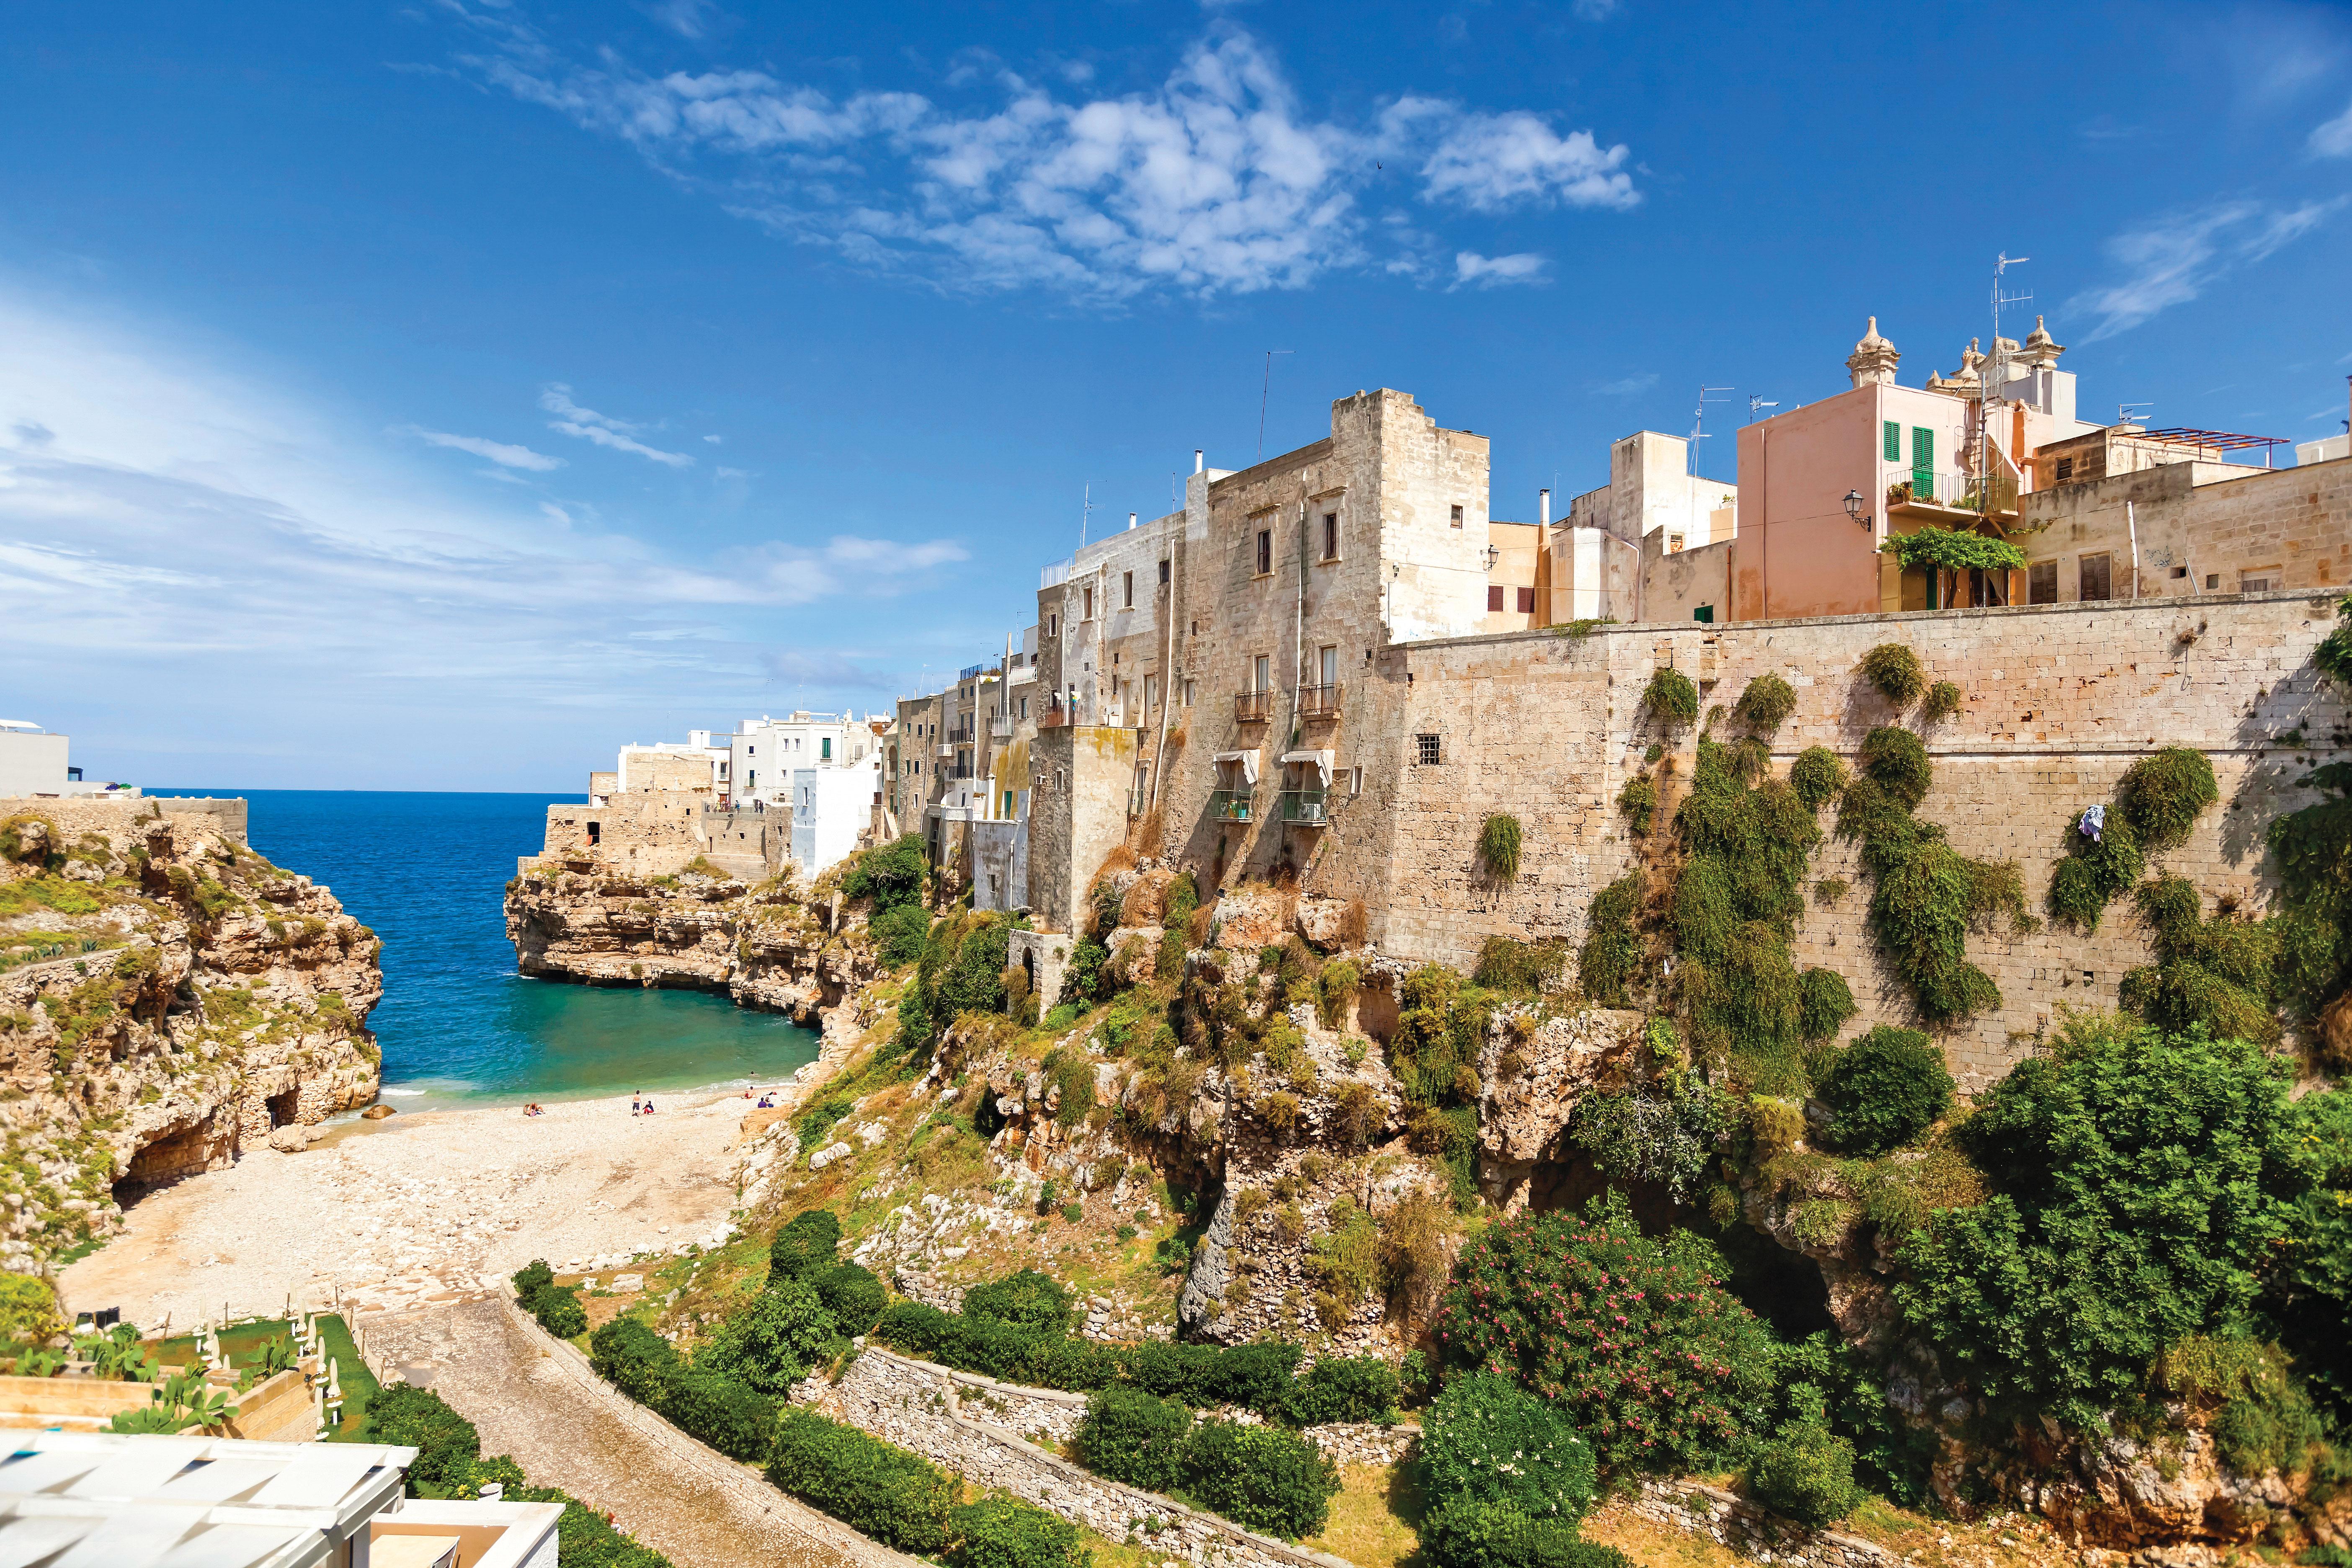 Casas e um grande e alto muro, cercado de plantas, à beira de uma praia e com vista para o mar